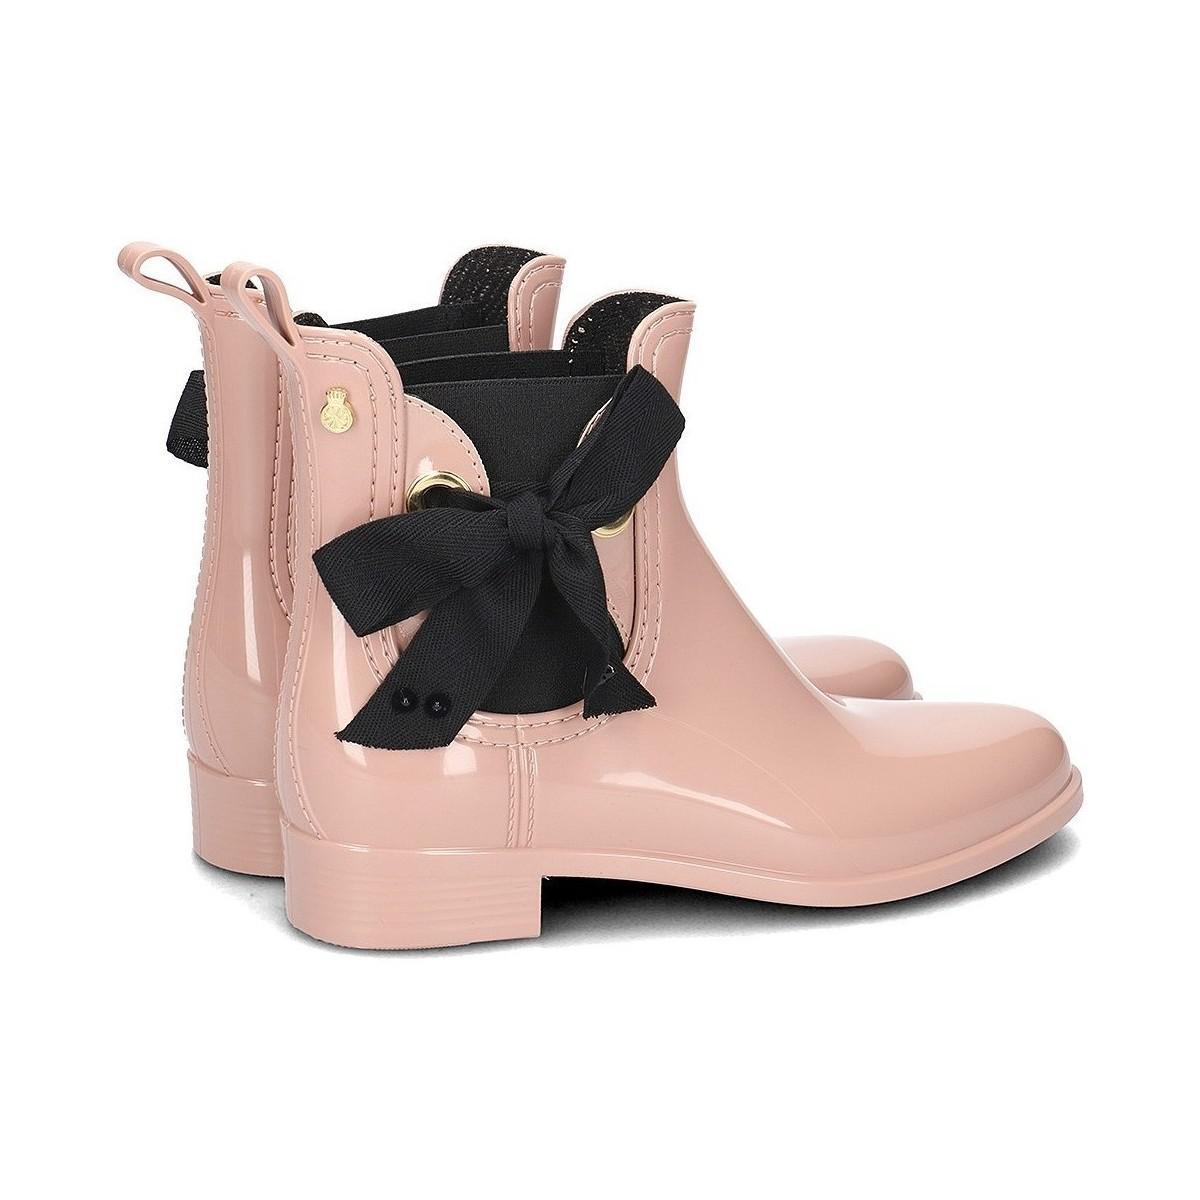 Lemon Jelly Haley02rose Women's Wellington Boots In Pink